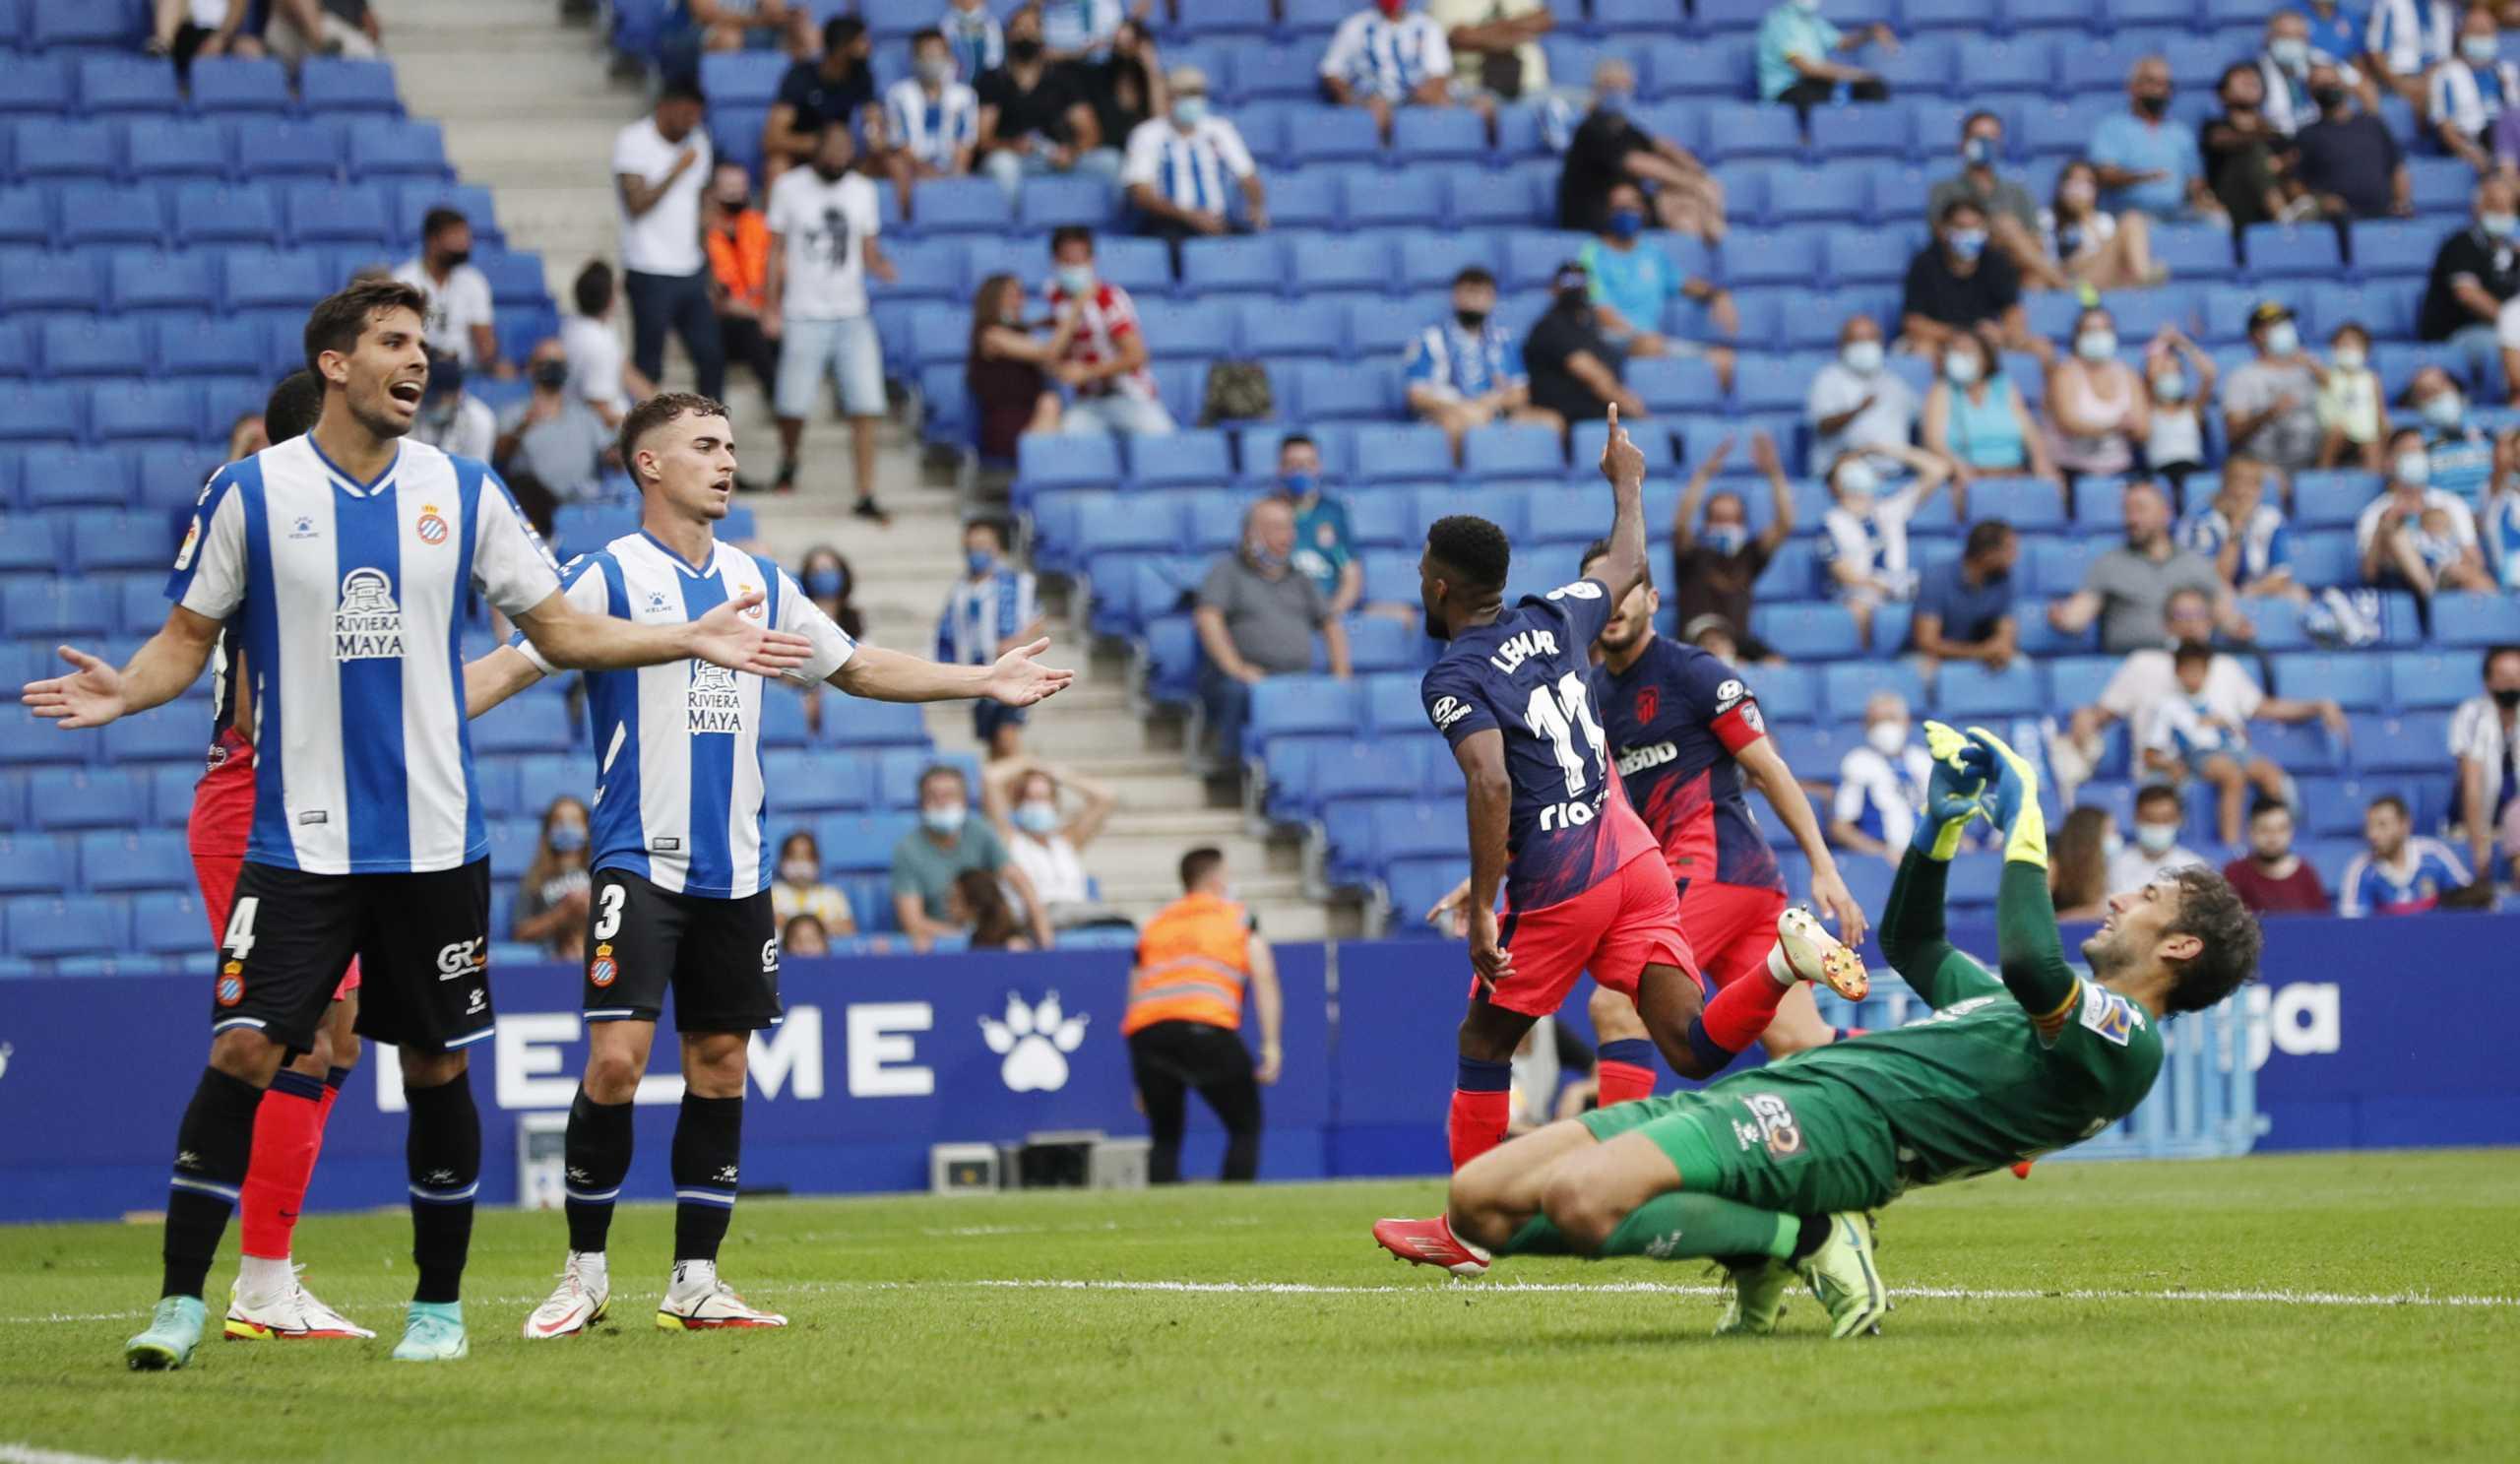 Η Ατλέτικο Μαδρίτης έκανε διπλό με γκολ στο 10ο λεπτό των καθυστερήσεων